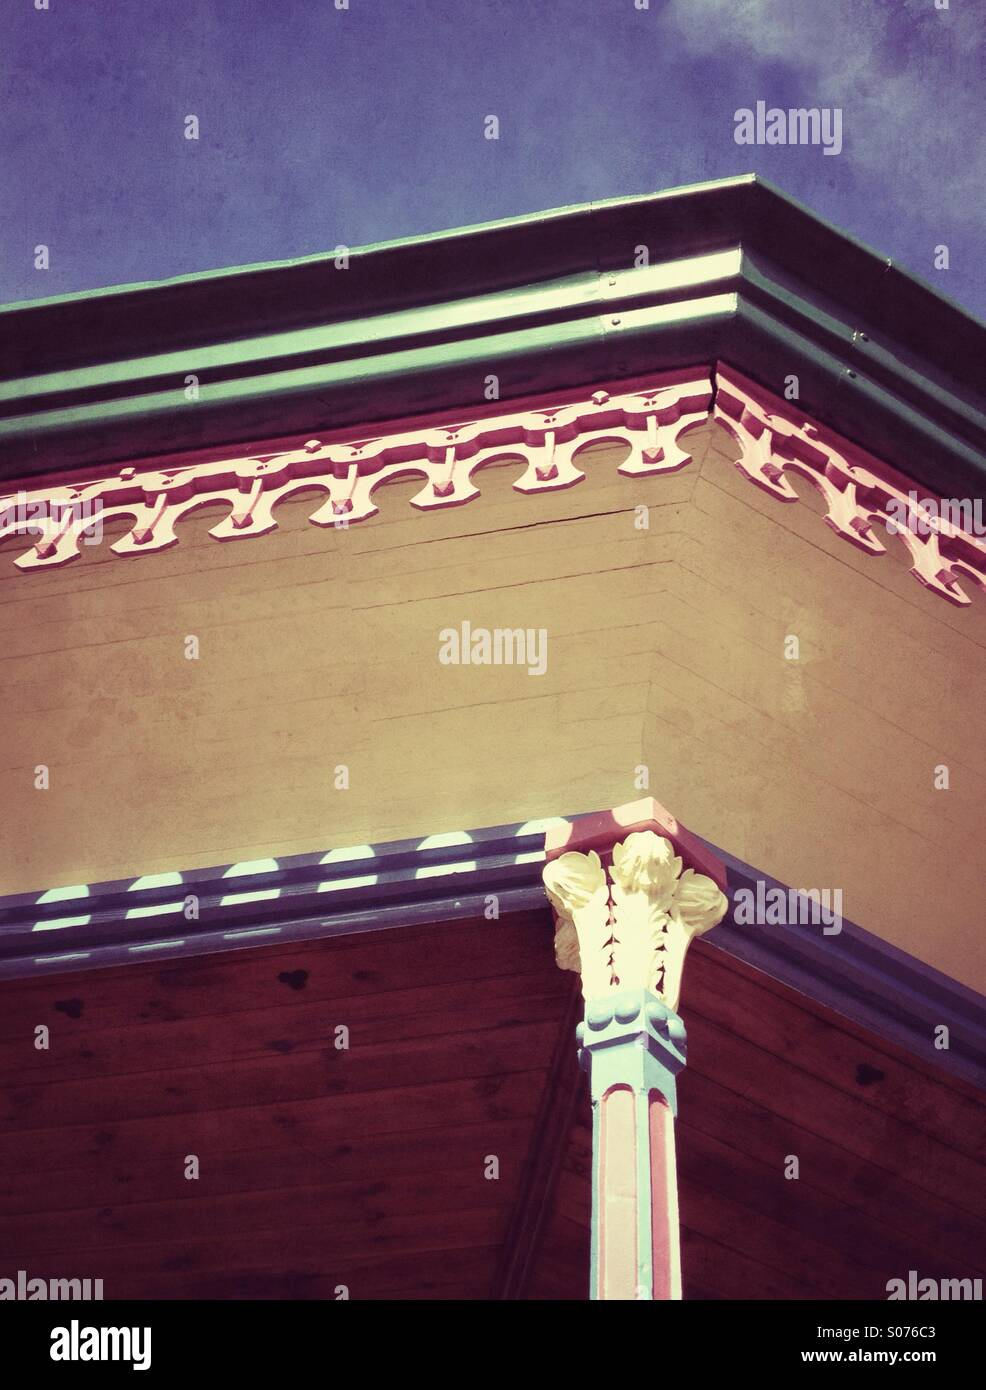 Vintage bandstand - Stock Image